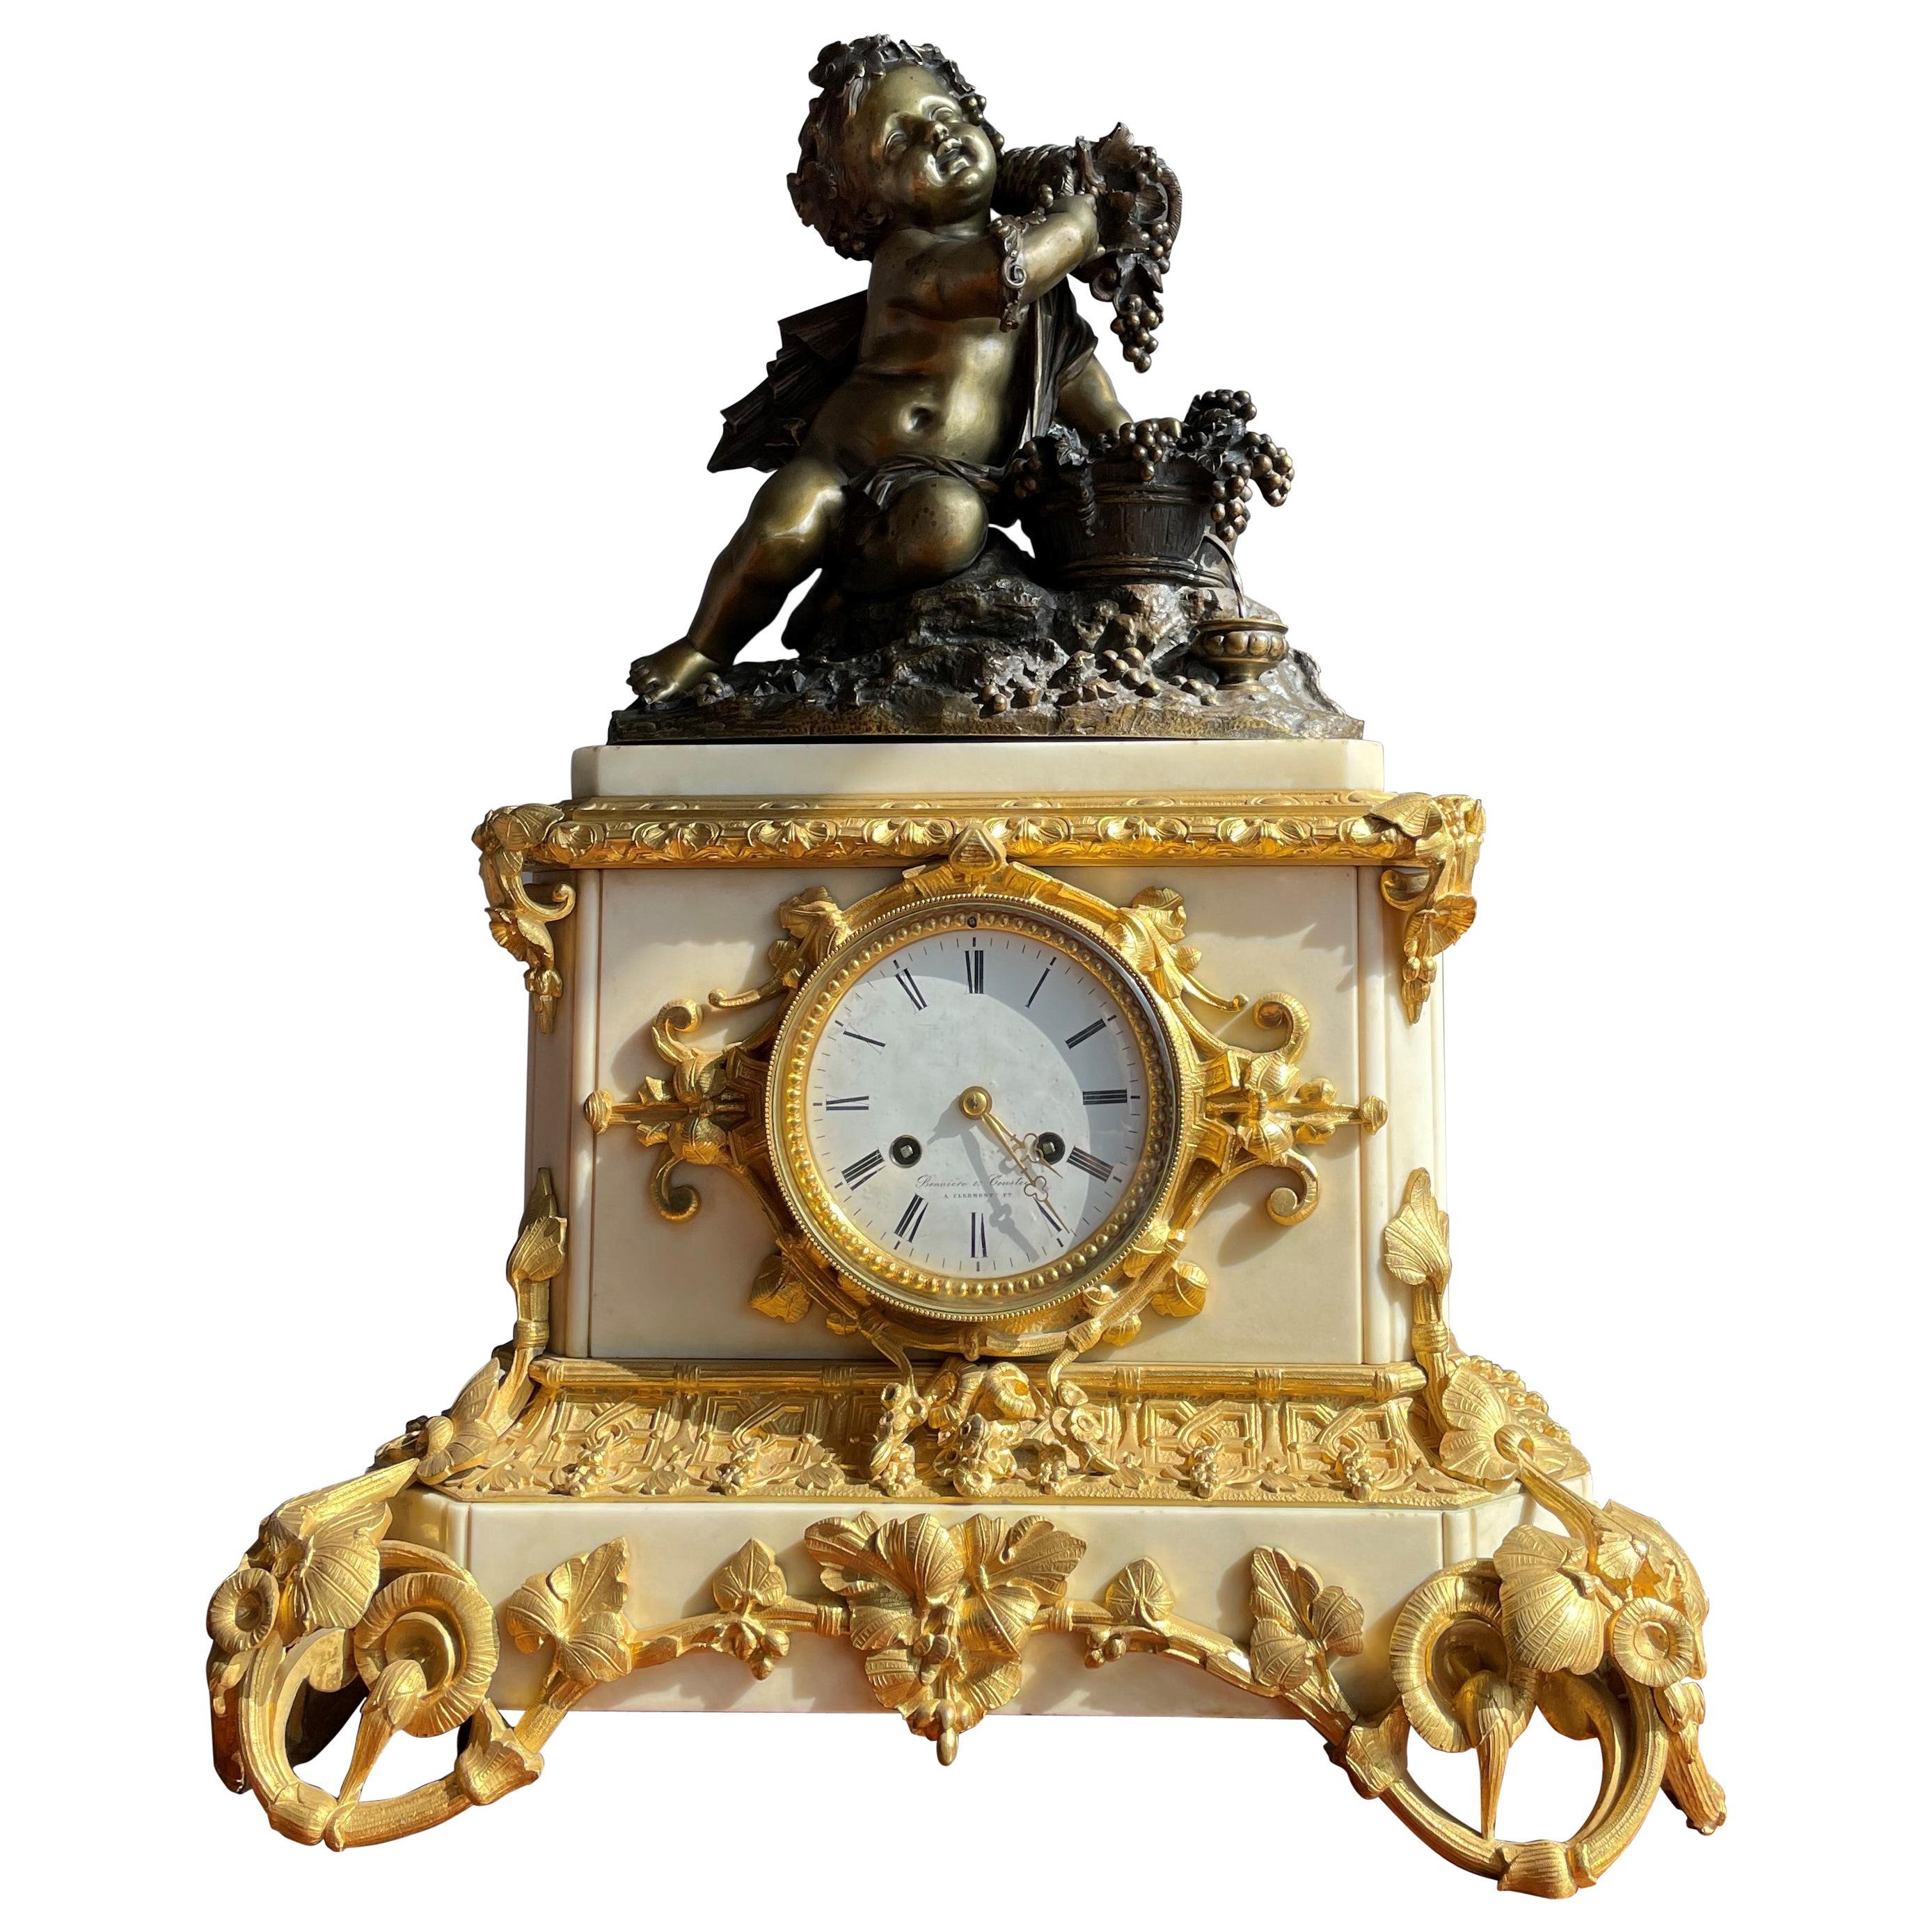 Gilt Bronze & Marble Belle Époque Mantel Clock w. Infant Bacchus Sculpture 1870s